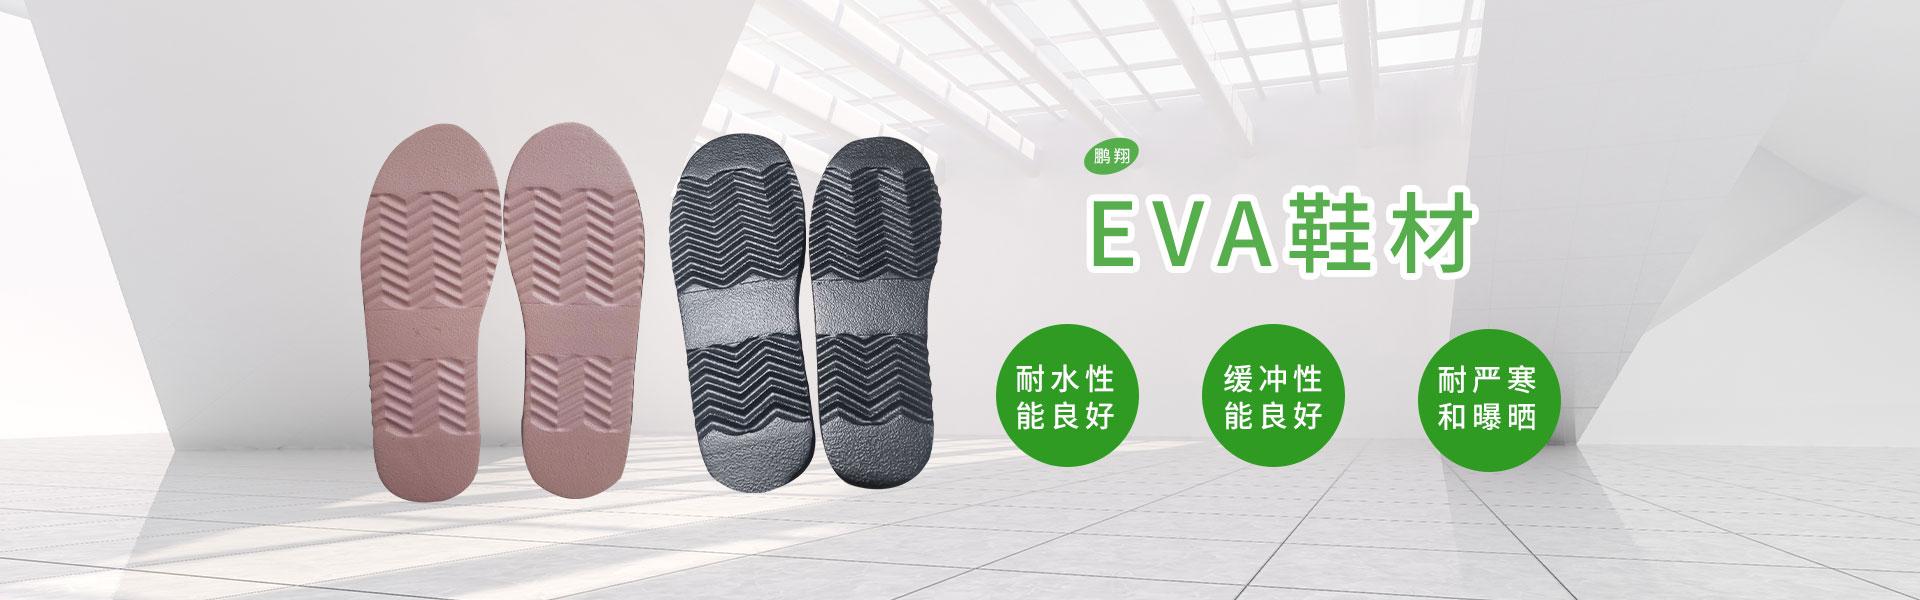 扬州鹏翔鞋材有限公司